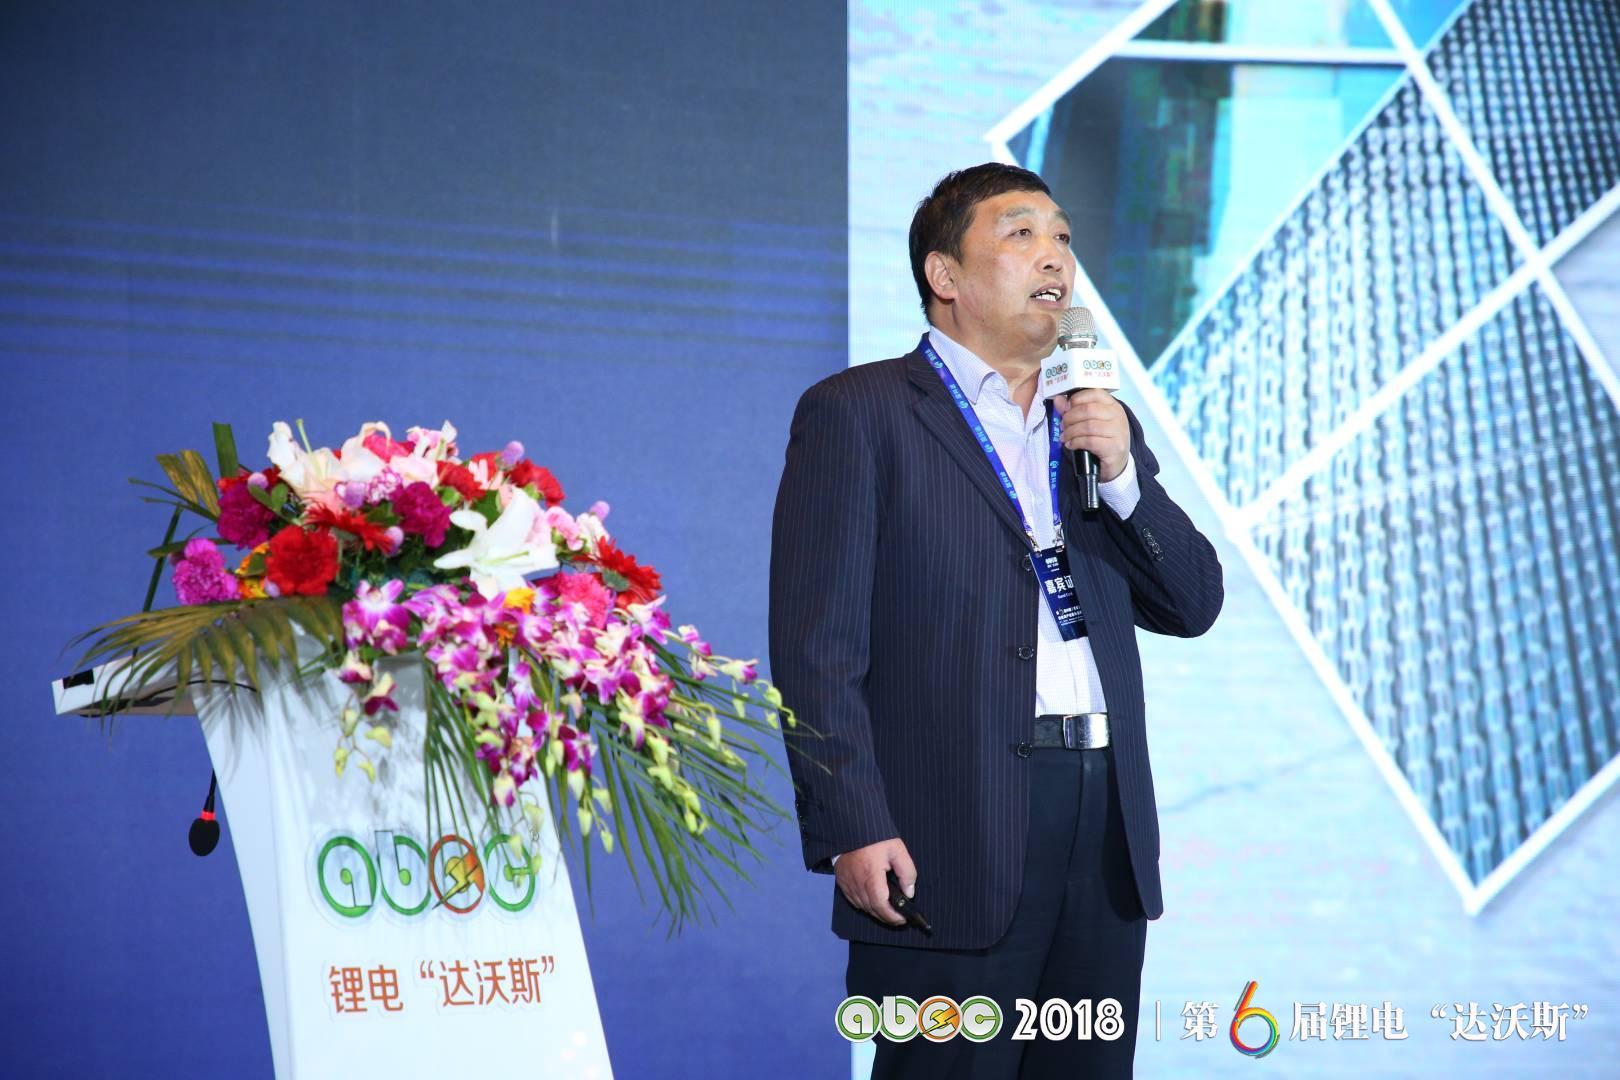 五矿盐湖有限公司总经理李增荣